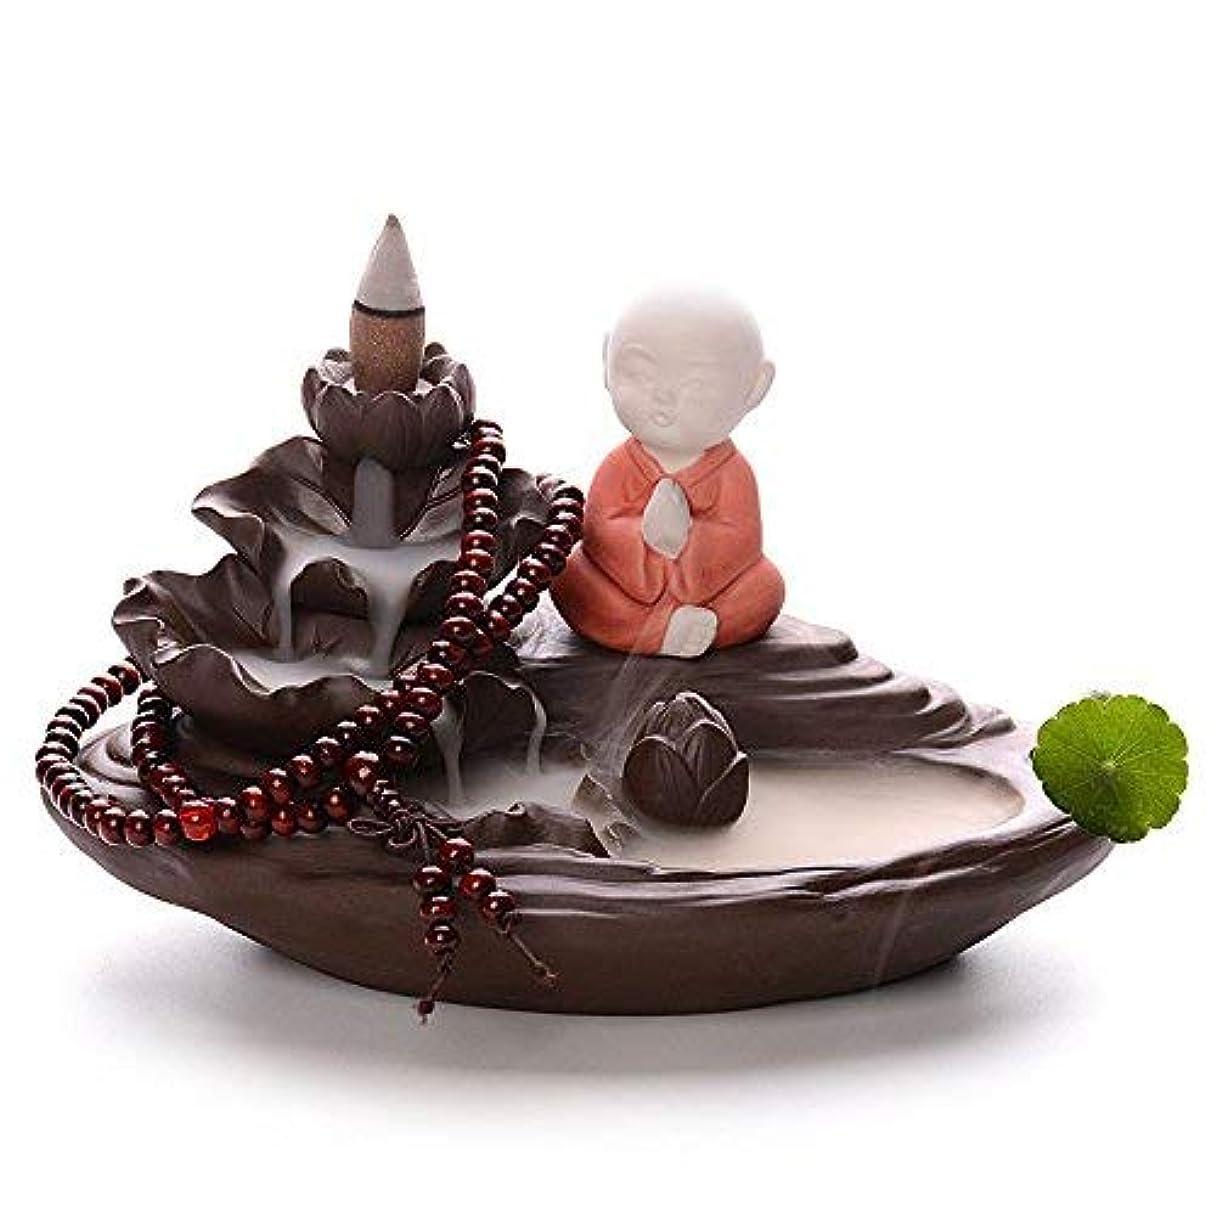 セラミック逆流香炉Little Monk Incense Tower Burner +ギフト10 Cones オレンジ